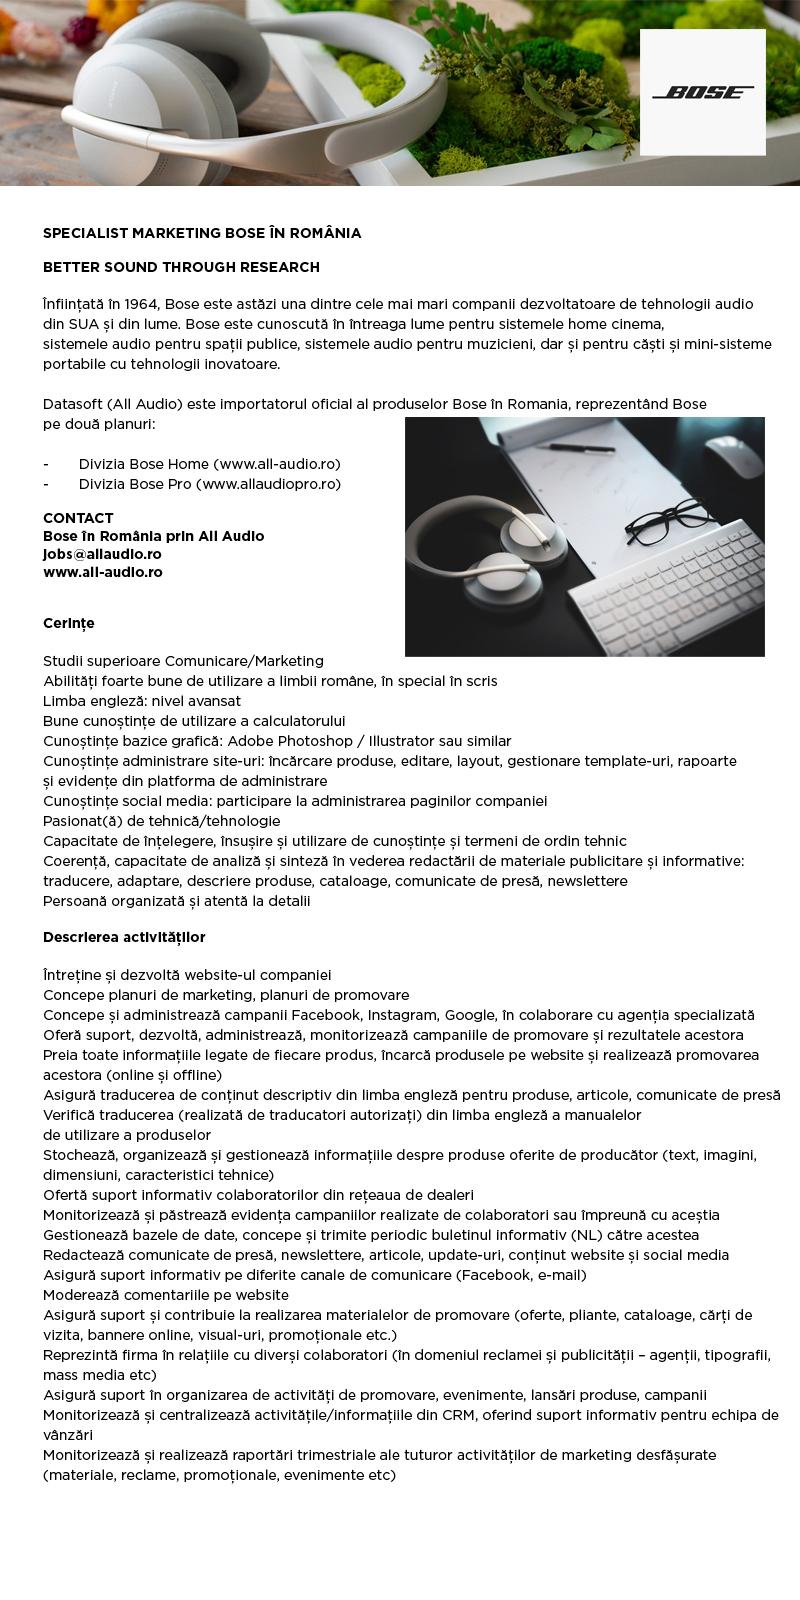 Studii superioare Comunicare/Marketing Abilități foarte bune de utilizare a limbii române, în special în scris Limba engleză: nivel avansat Bune cunoștințe de utilizare a calculatorului Cunoștințe bazice grafică: Adobe Photoshop / Illustrator sau similar Cunoștințe administrare site-uri: încărcare produse, editare, layout, gestionare template-uri, rapoarte și evidențe din platforma de administrare Cunoștințe social media: participare la administrarea paginilor companiei Pasionat(ă) de tehnică/tehnologie Capacitate de înțelegere, însușire și utilizare de cunoștințe și termeni de ordin tehnic Coerență, capacitate de analiză și sinteză în vederea redactării de materiale publicitare și informative: traducere, adaptare, descriere produse, cataloage, comunicate de presă, newslettere Persoana organizata si atenta la detalii Întreține și dezvoltă website-ul companiei Concepe planuri de marketing, planuri de promovare Concepe și administrează campanii Facebook, Instagram, Google, în colaborare cu agenția specializată Oferă suport, dezvoltă, administrează, monitorizează campaniile de promovare și rezultatele acestora Preia toate informațiile legate de fiecare produs, încarcă produsele pe website și realizează promovarea acestora (online și offline) Asigură traducerea de conținut descriptiv din limba engleză pentru produse, articole, comunicate de presă Verifică traducerea (realizată de traducatori autorizați) din limba engleză a manualelor de utilizare a produselor Stochează, organizează și gestionează informațiile despre produse oferite de producător (text, imagini, dimensiuni, caracteristici tehnice) Ofertă suport informativ colaboratorilor din rețeaua de dealeri Monitorizează și păstrează evidența campaniilor realizate de colaboratori sau împreună cu aceștia Gestionează bazele de date, concepe și trimite periodic buletinul informativ (NL) către acestea Redactează comunicate de presă, newslettere, articole, update-uri, conținut website și social media Asigură suport informa